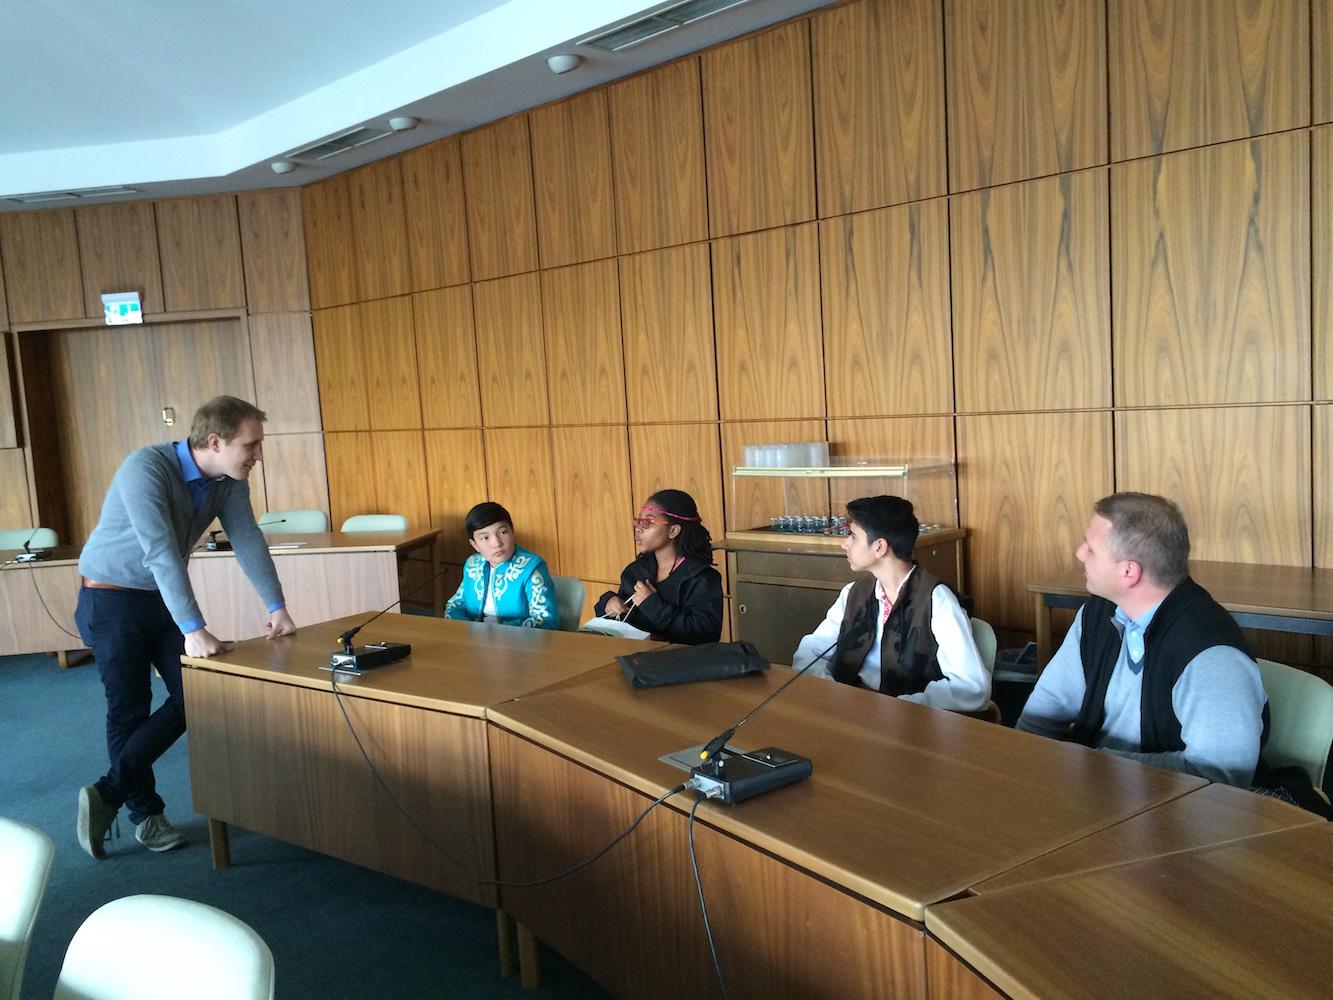 Besuch des Oberbürgermeisters Monheim am Rhein im Rahmen des IFLC